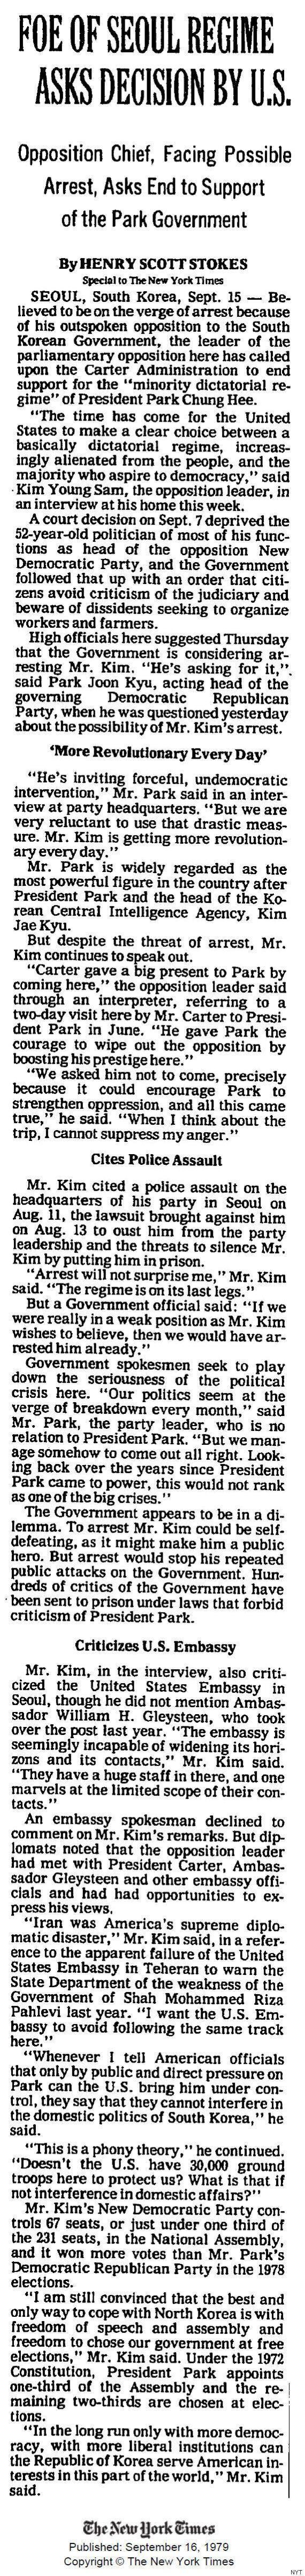 유신독재에 맞섰던 YS의 1979년 뉴욕타임스